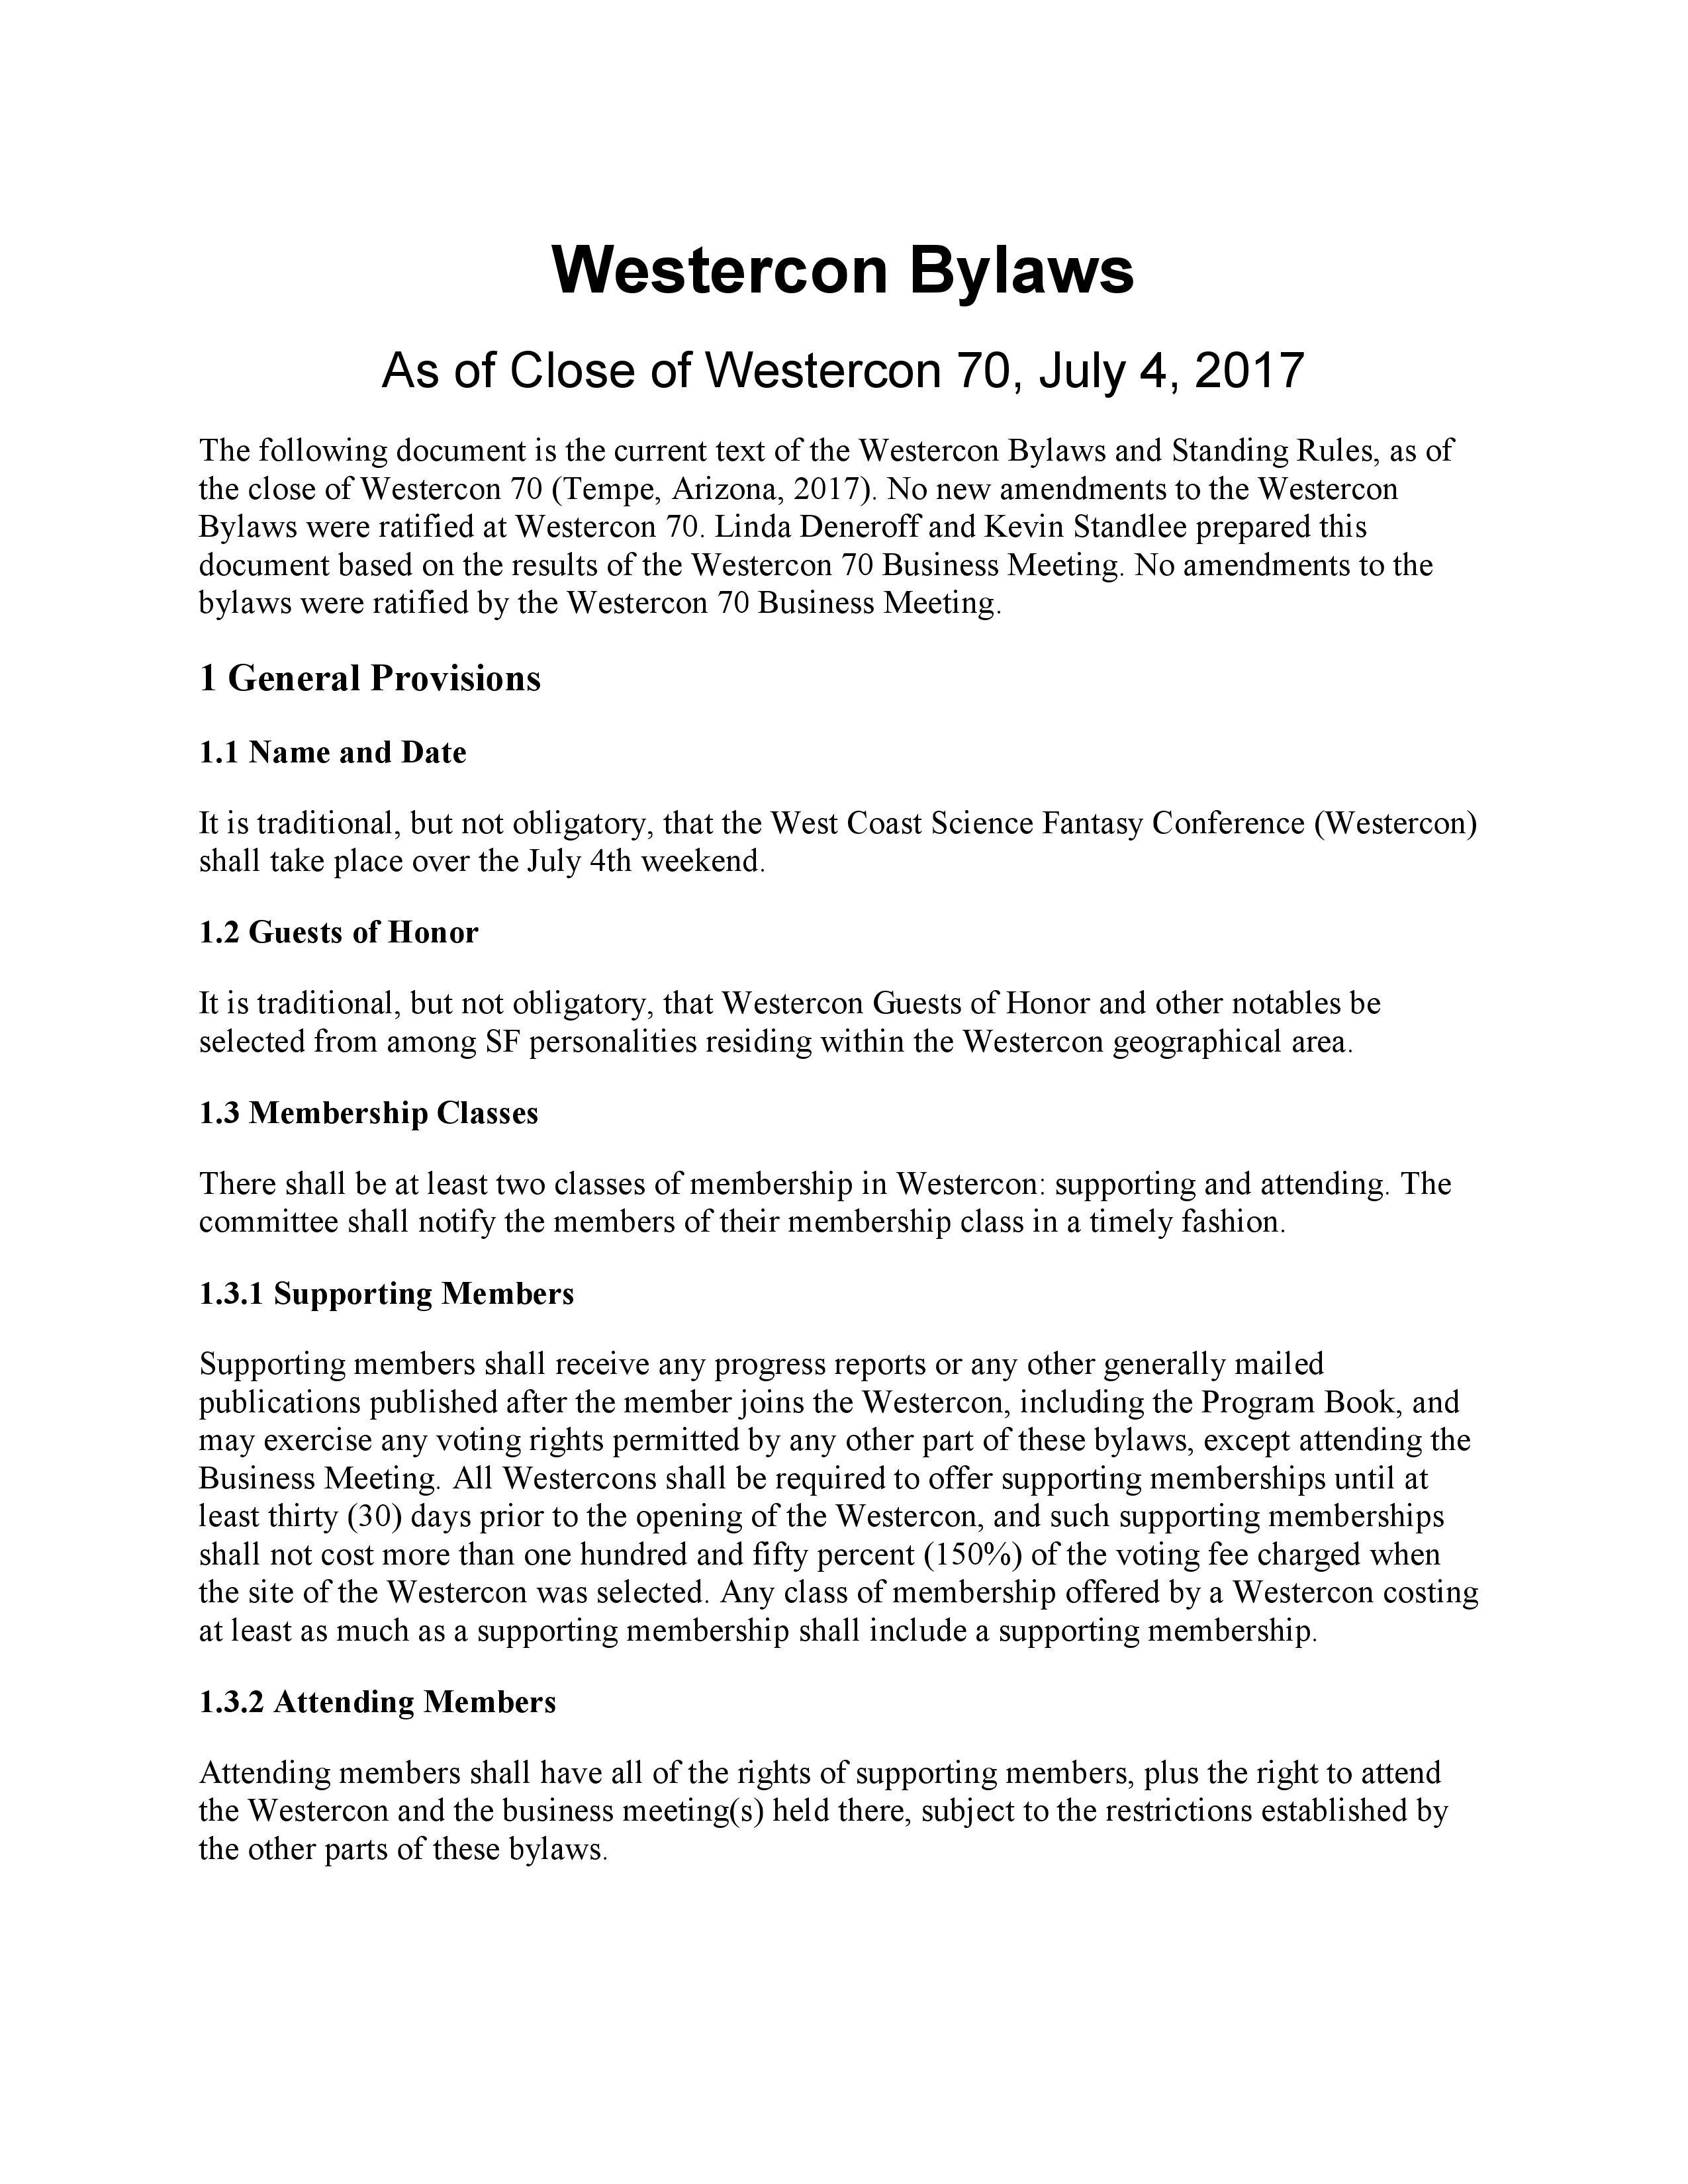 westercon 71 progress report 2